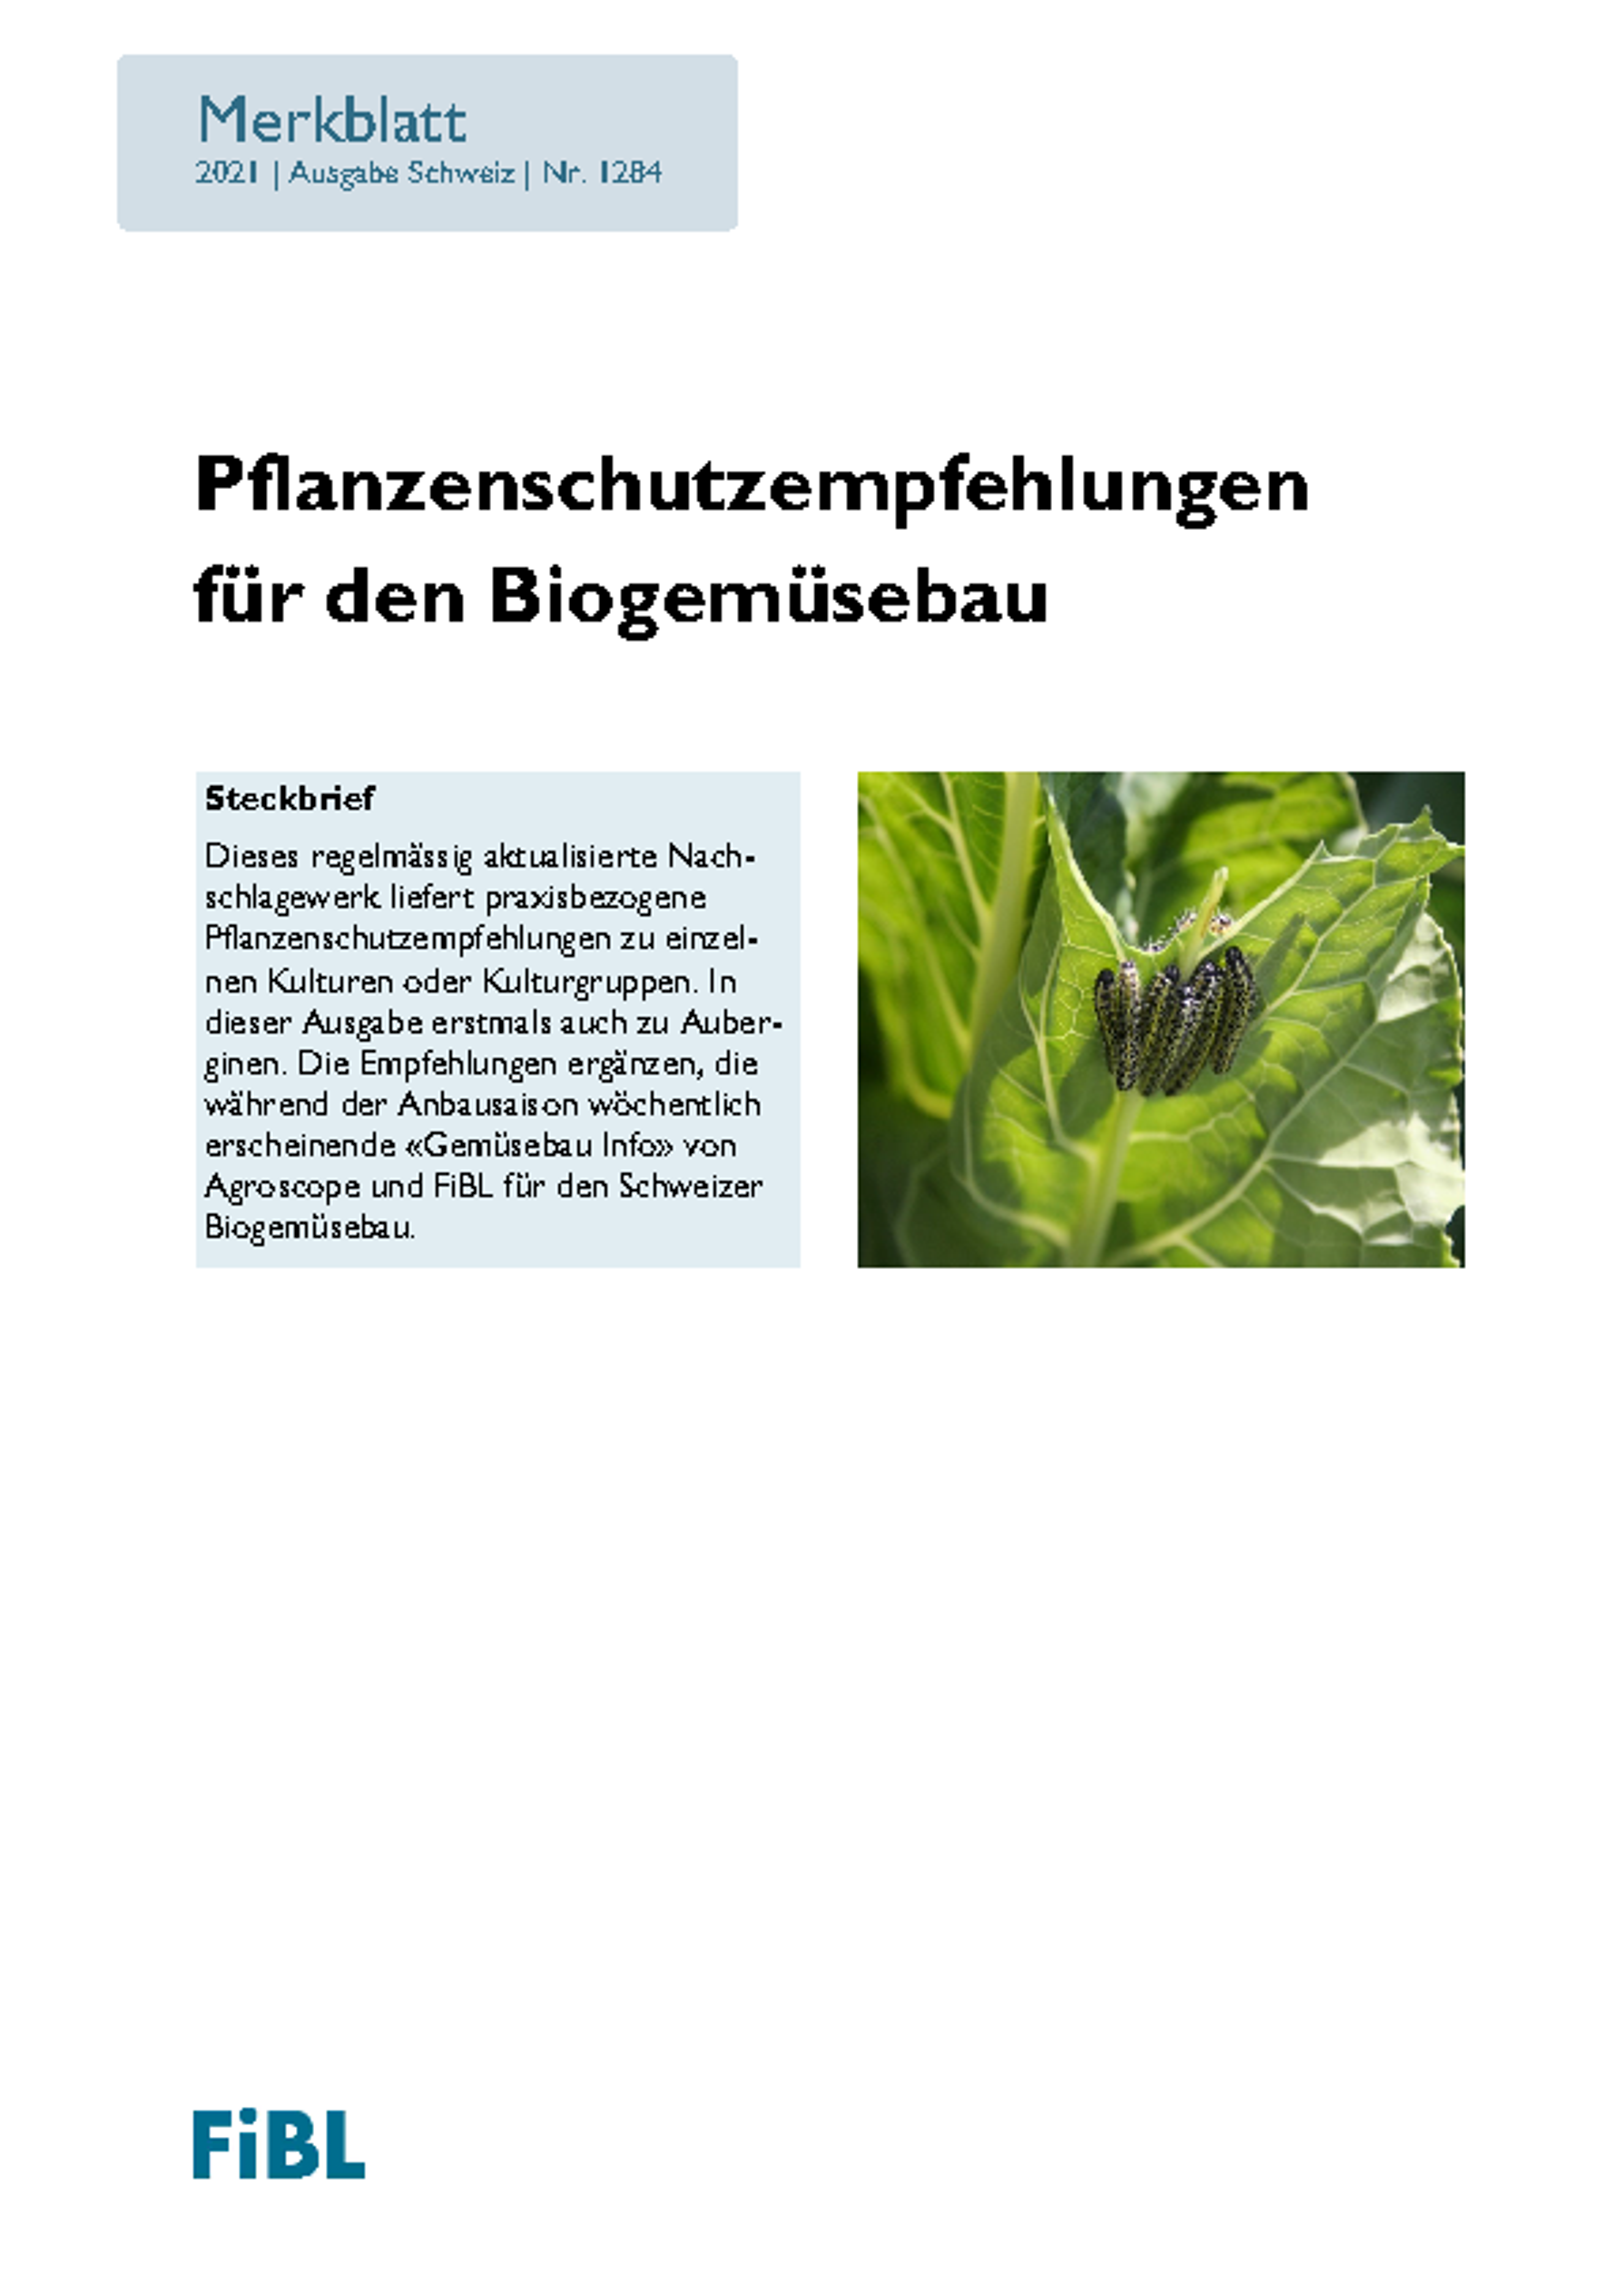 Pflanzenschutzempfehlungen für den Biogemüsebau